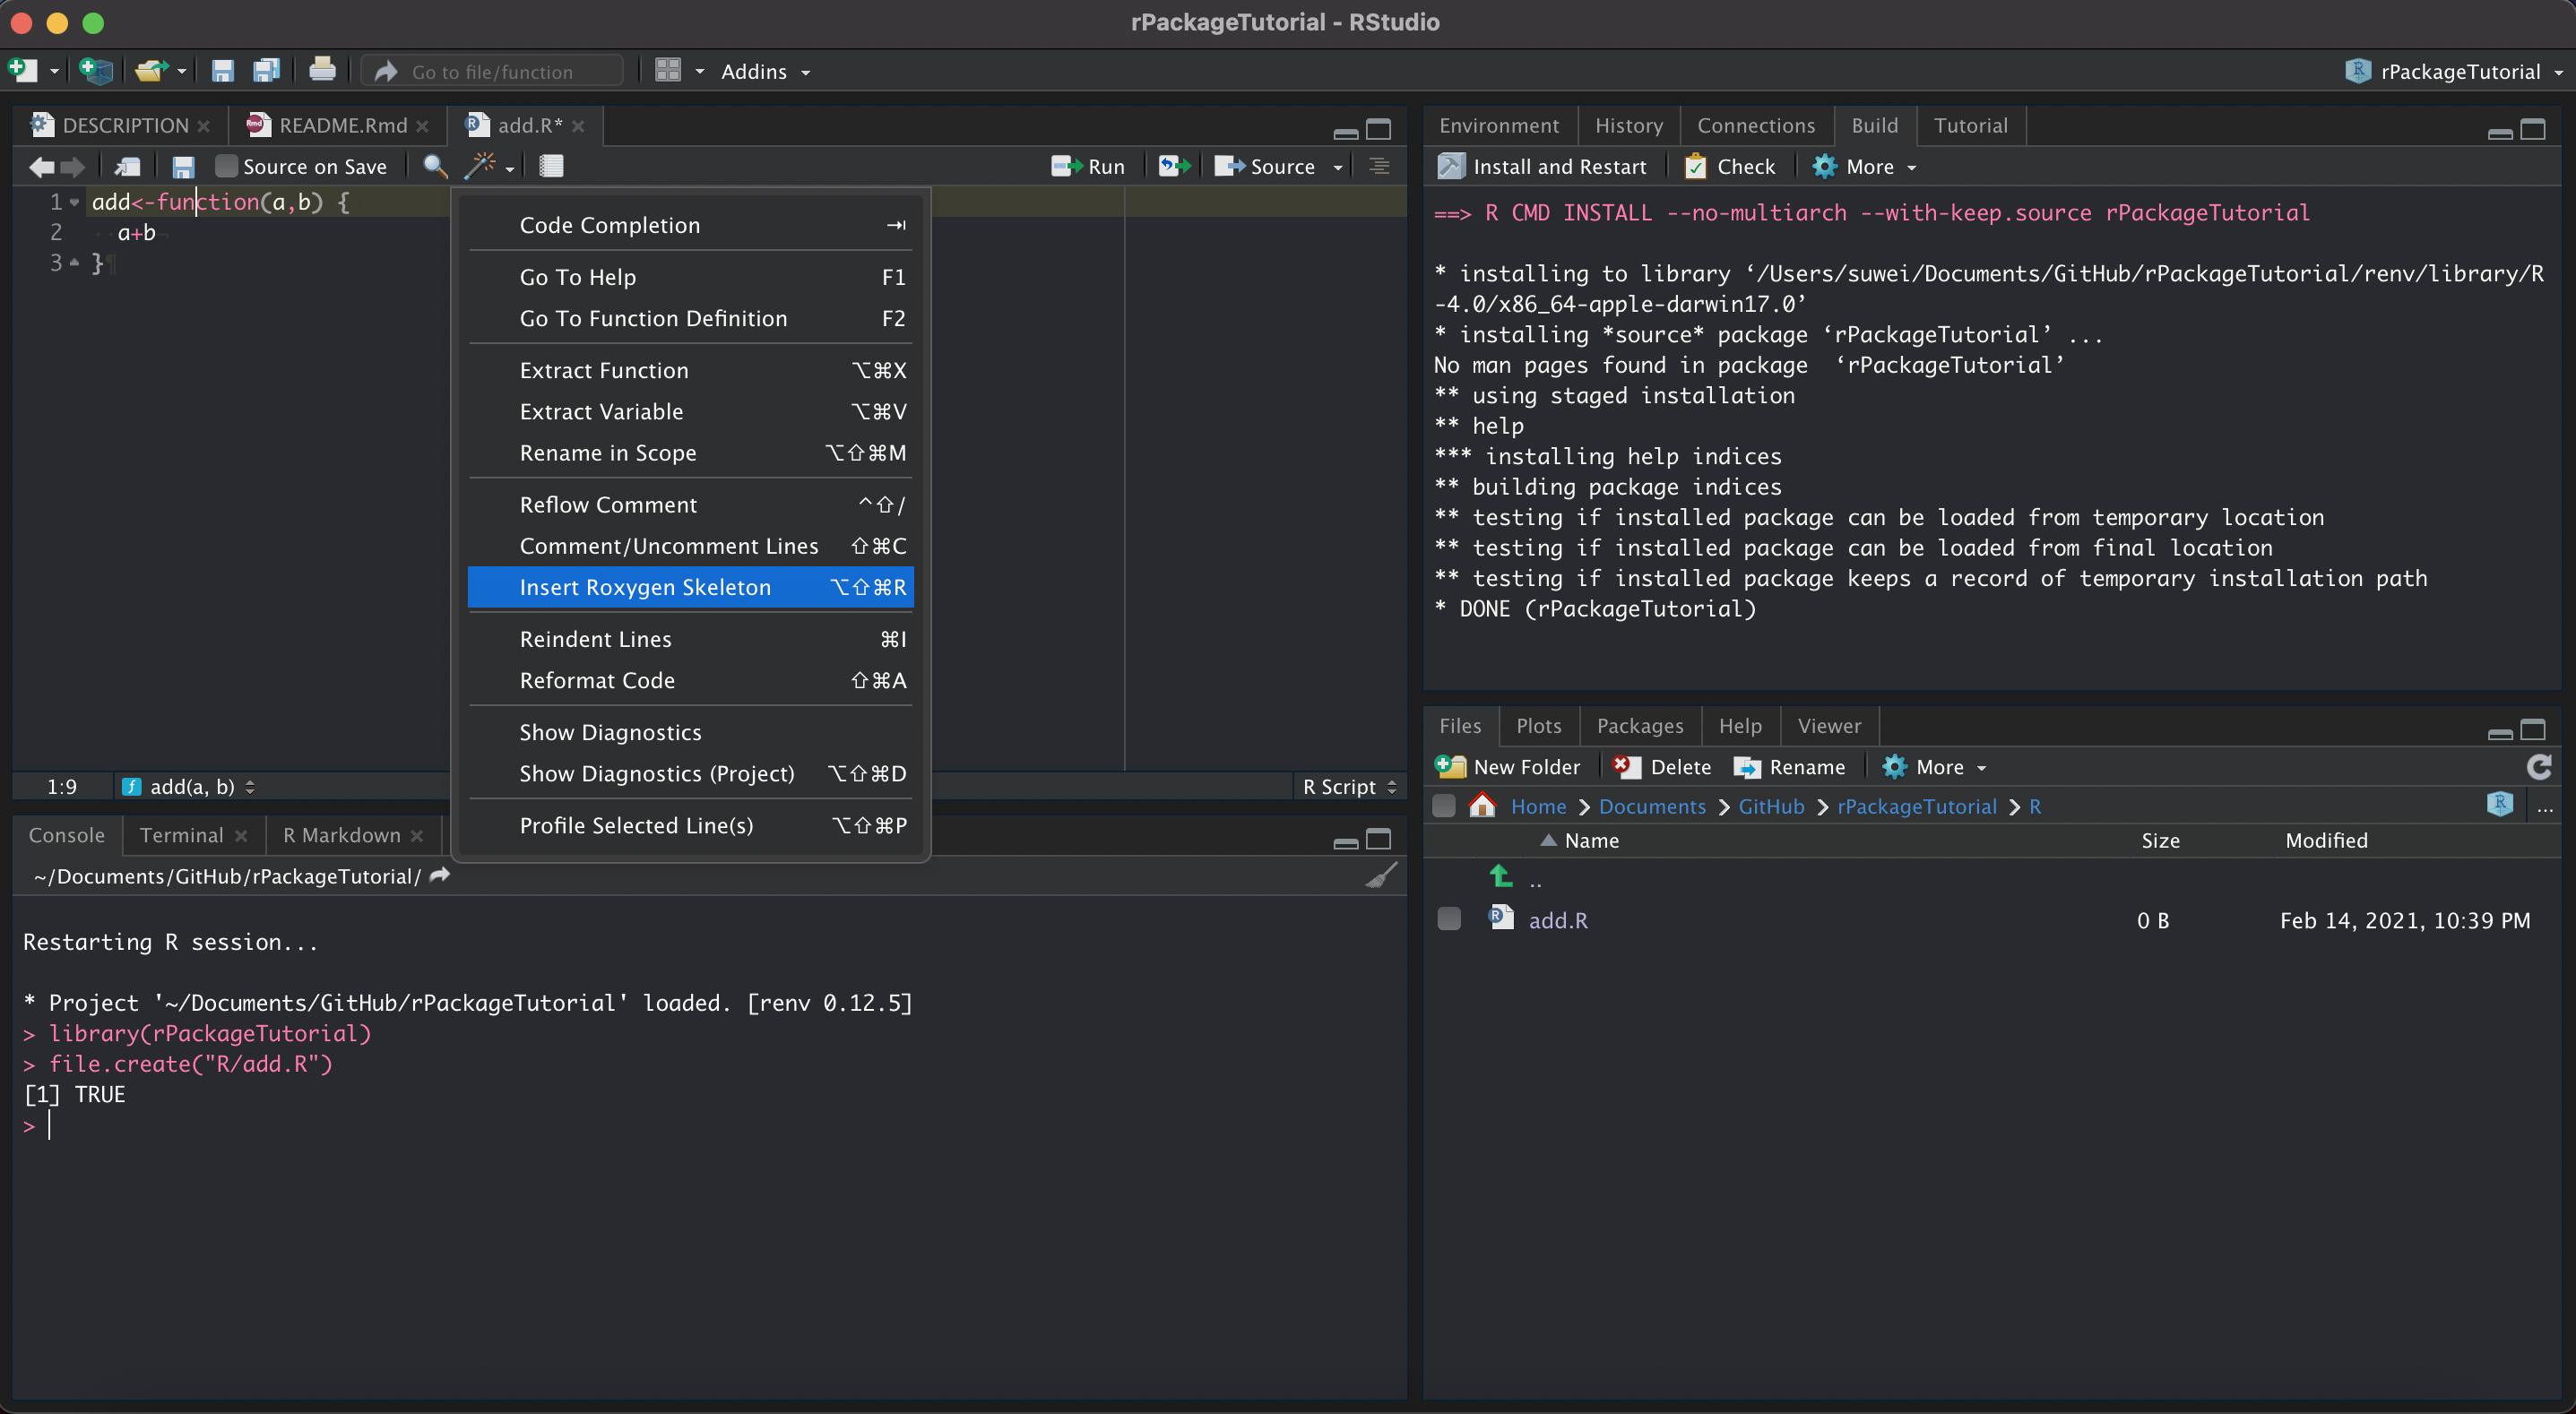 3.5.1 在 `R` 文件夹中创建 `add.R` 文件用于保存函数,点击 `Insert Roxygen Skeleton` 快速生成。